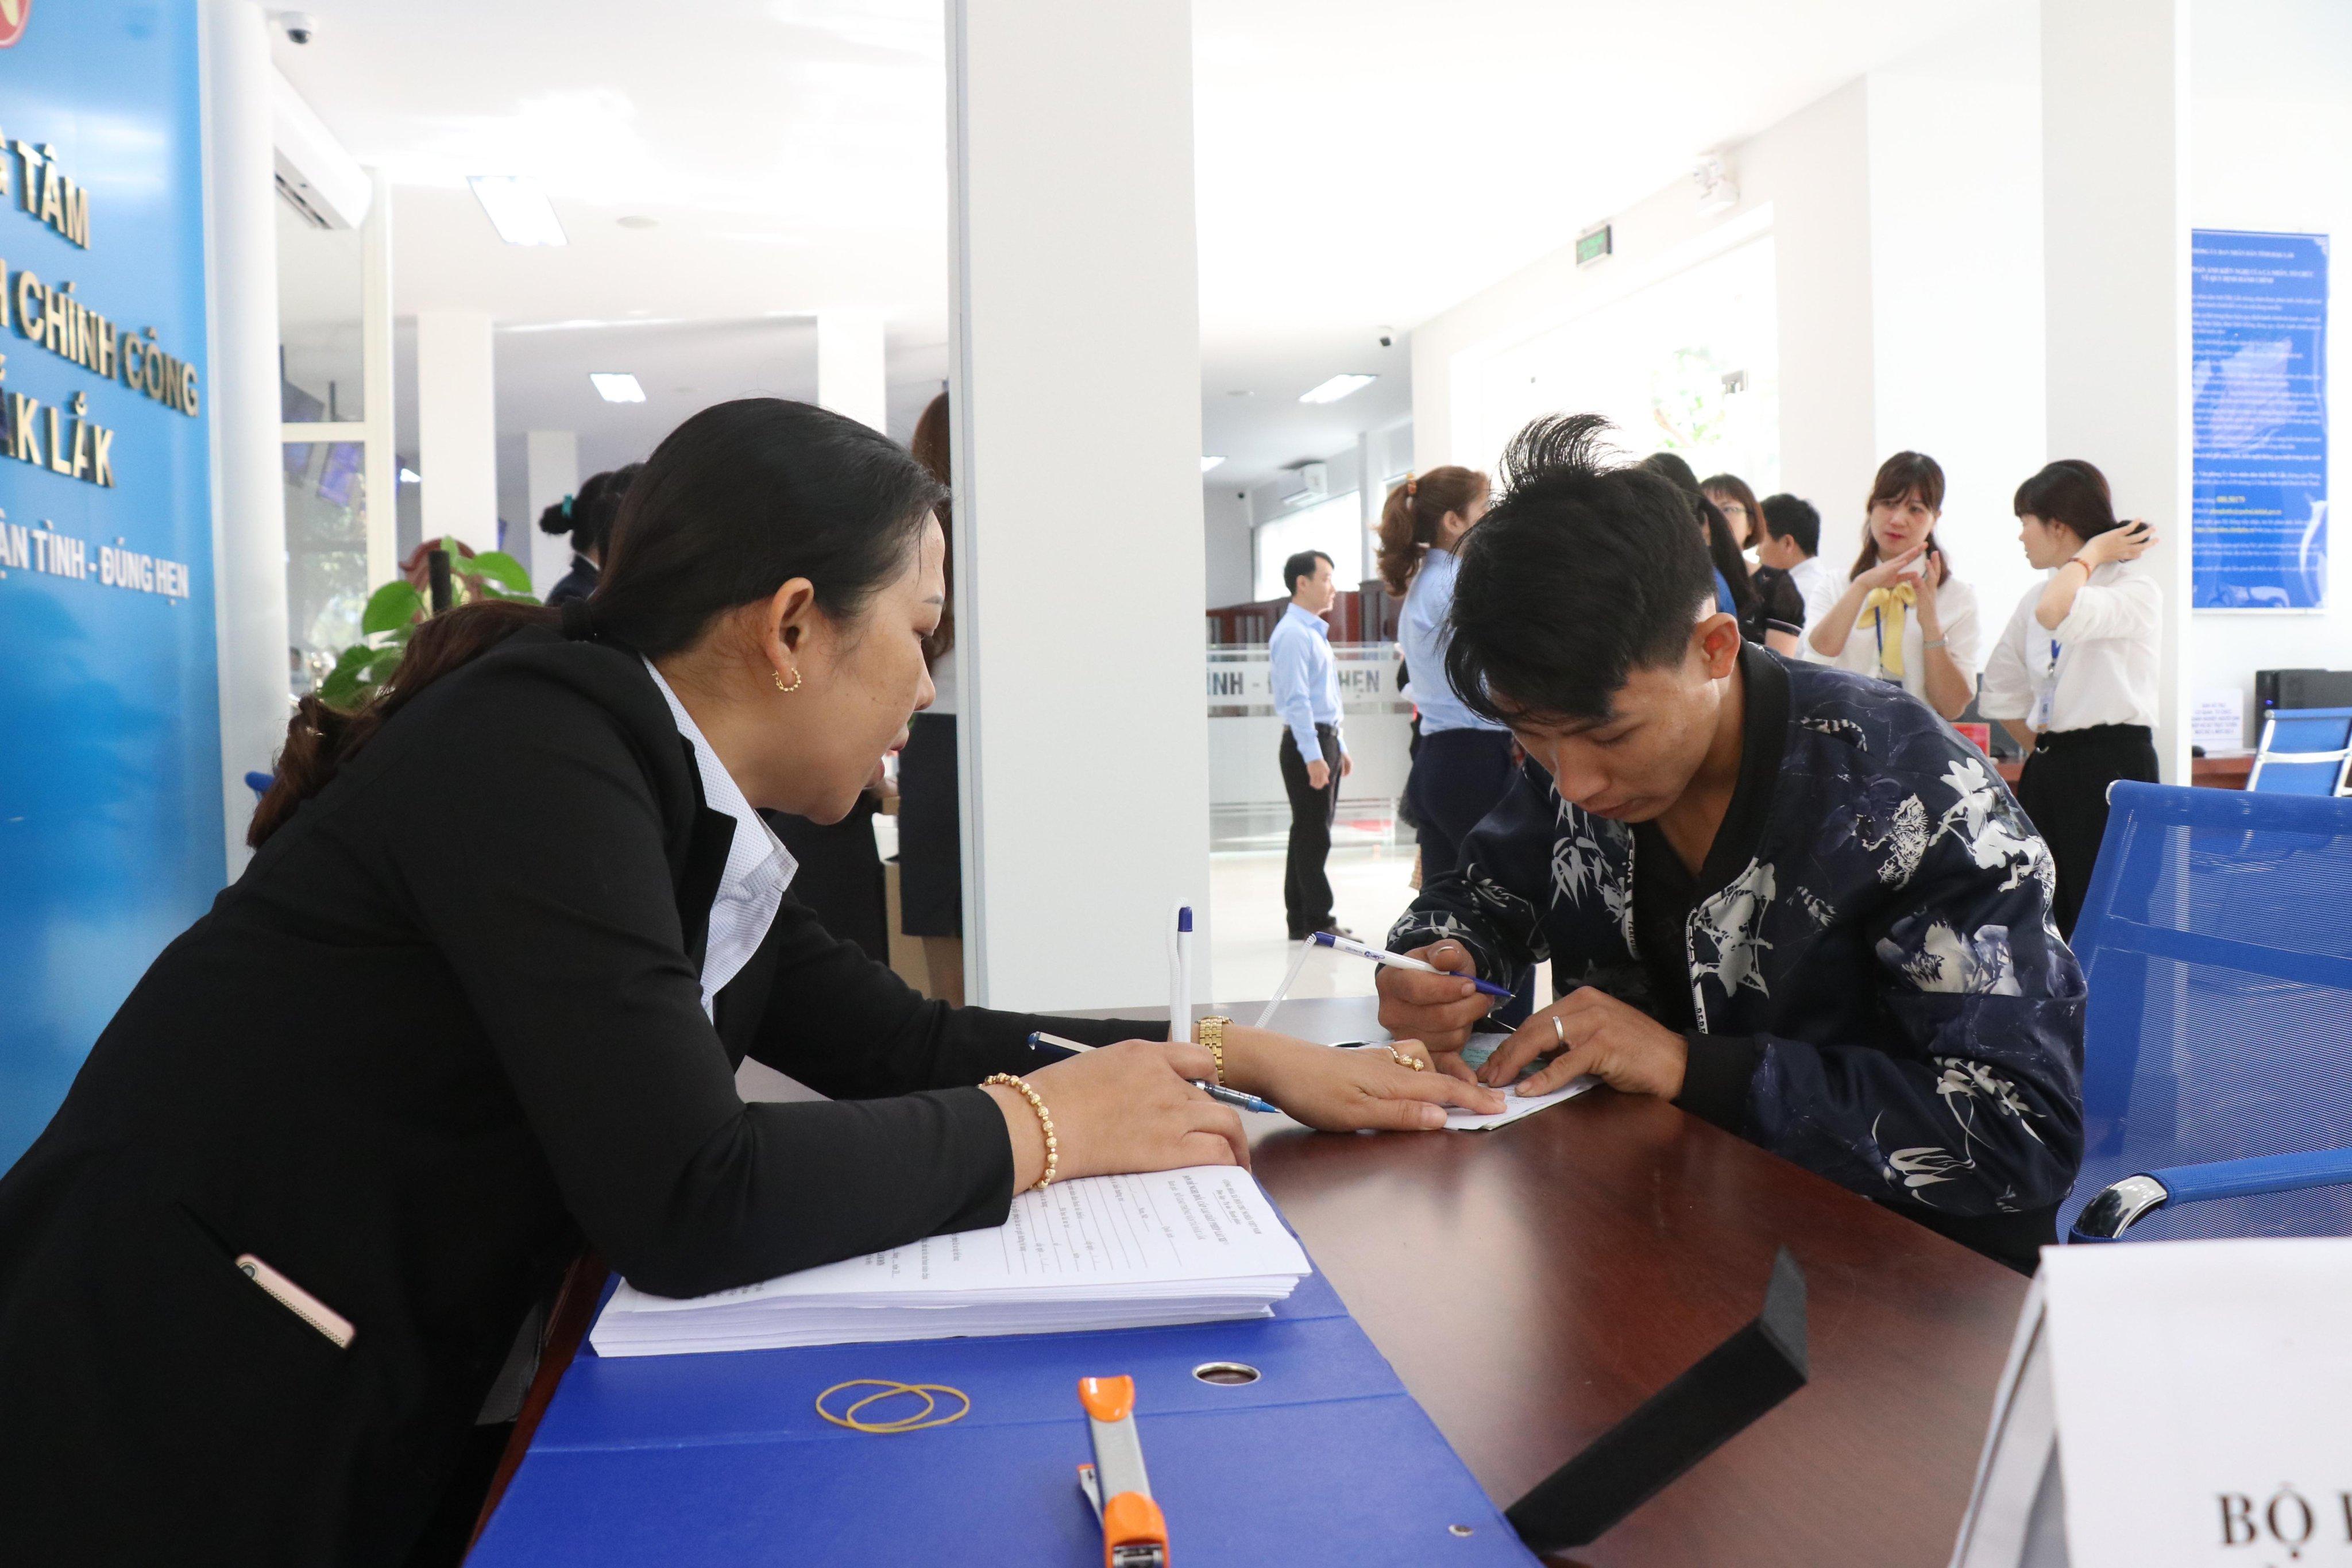 Đề xuất thanh toán trực tuyến trên hệ thống Cổng Dịch vụ công của tỉnh từ ngày 10/8/2020